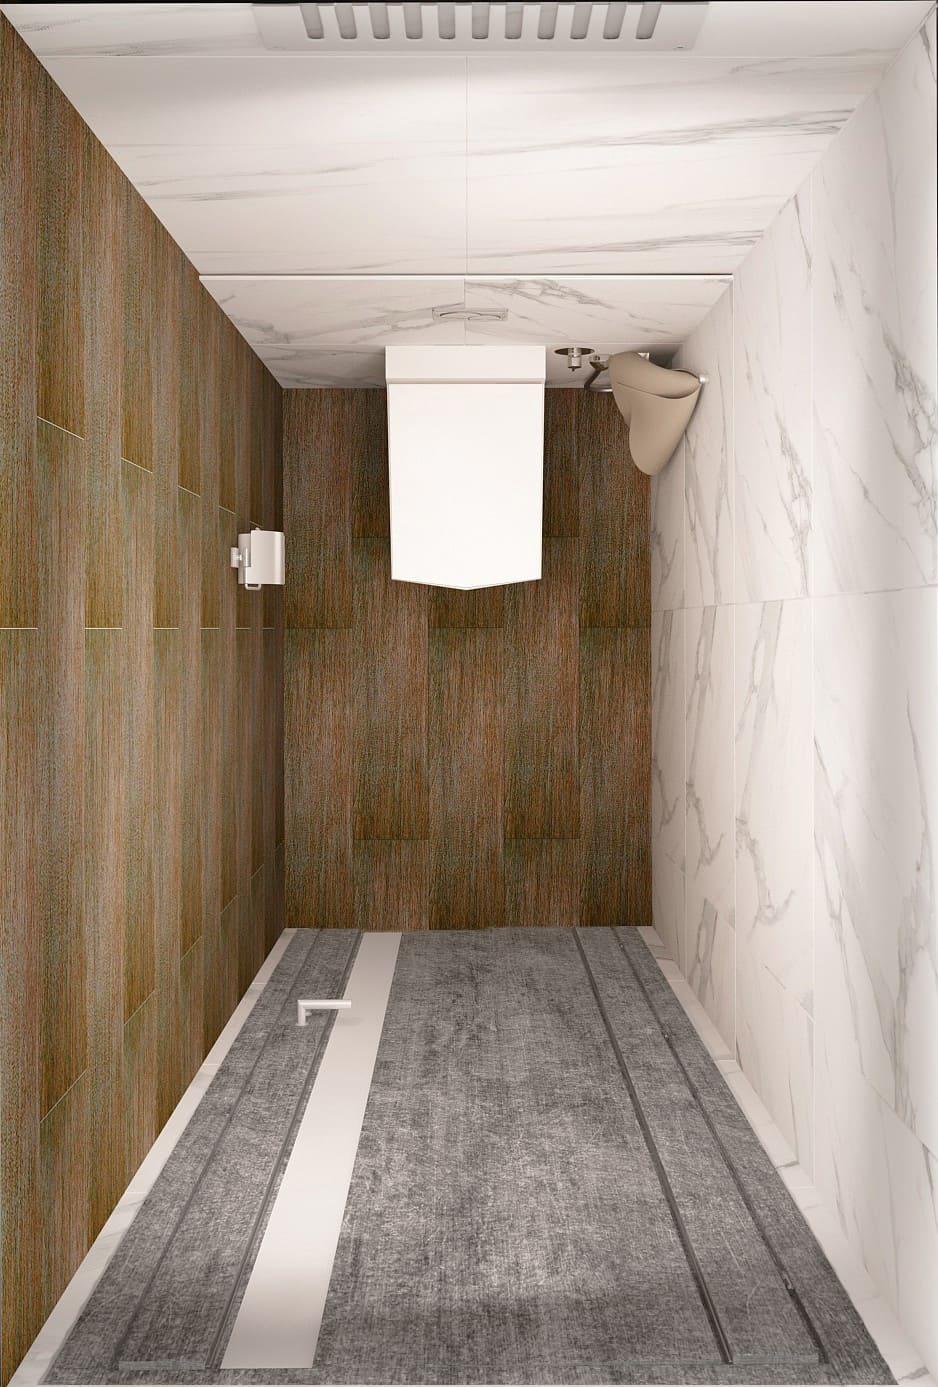 Дизайн-проект санузла в белых тонах 2 кв.м, плитка под мрамор, анитаз, потолочные светильники